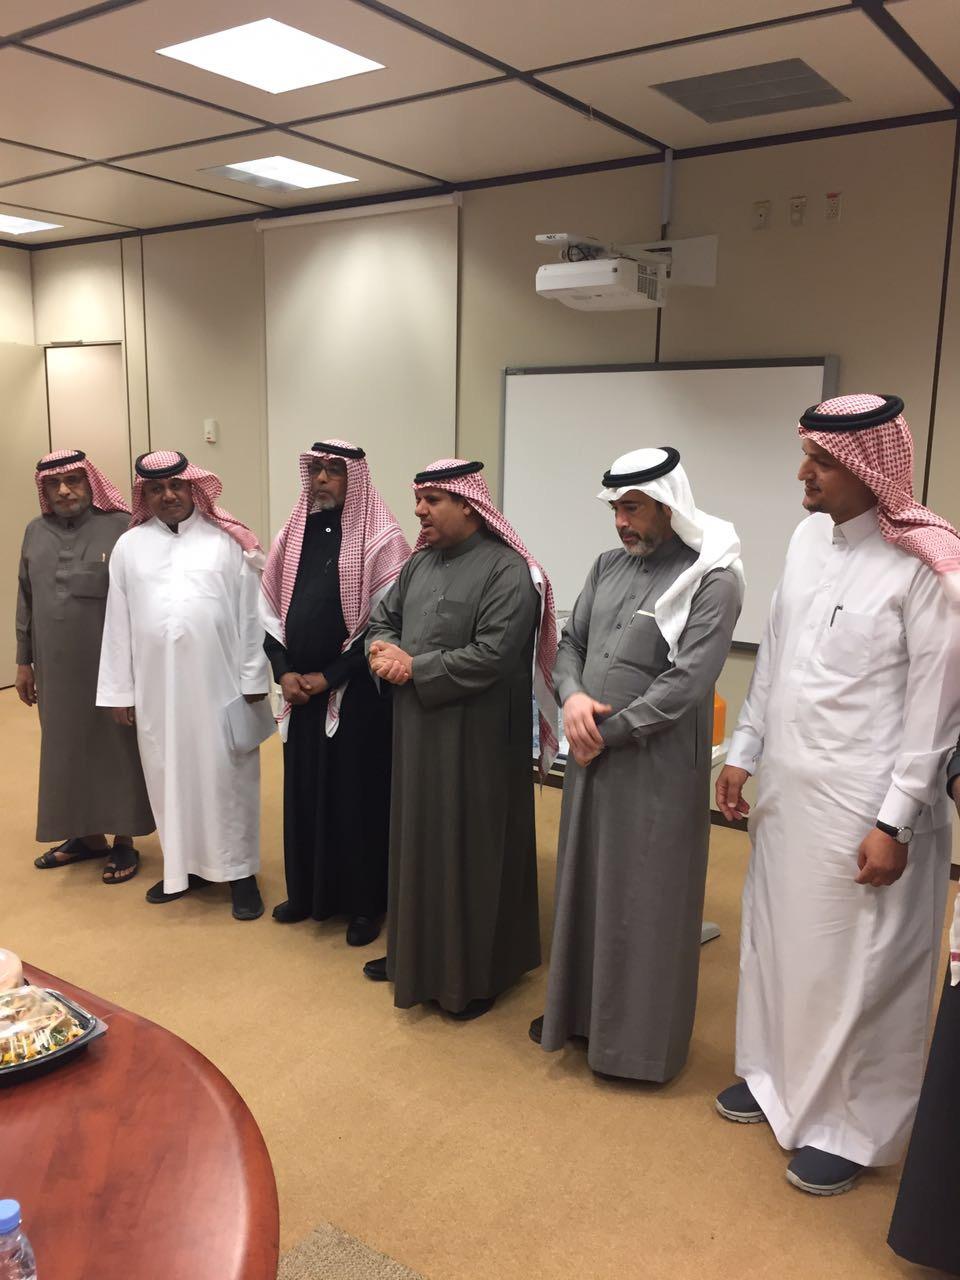 تقاعد الاستاذ عبدالرحمن الحرقان رئيس وحدة التسجيل وشؤون الطلاب بكلية اللغات والترجمة